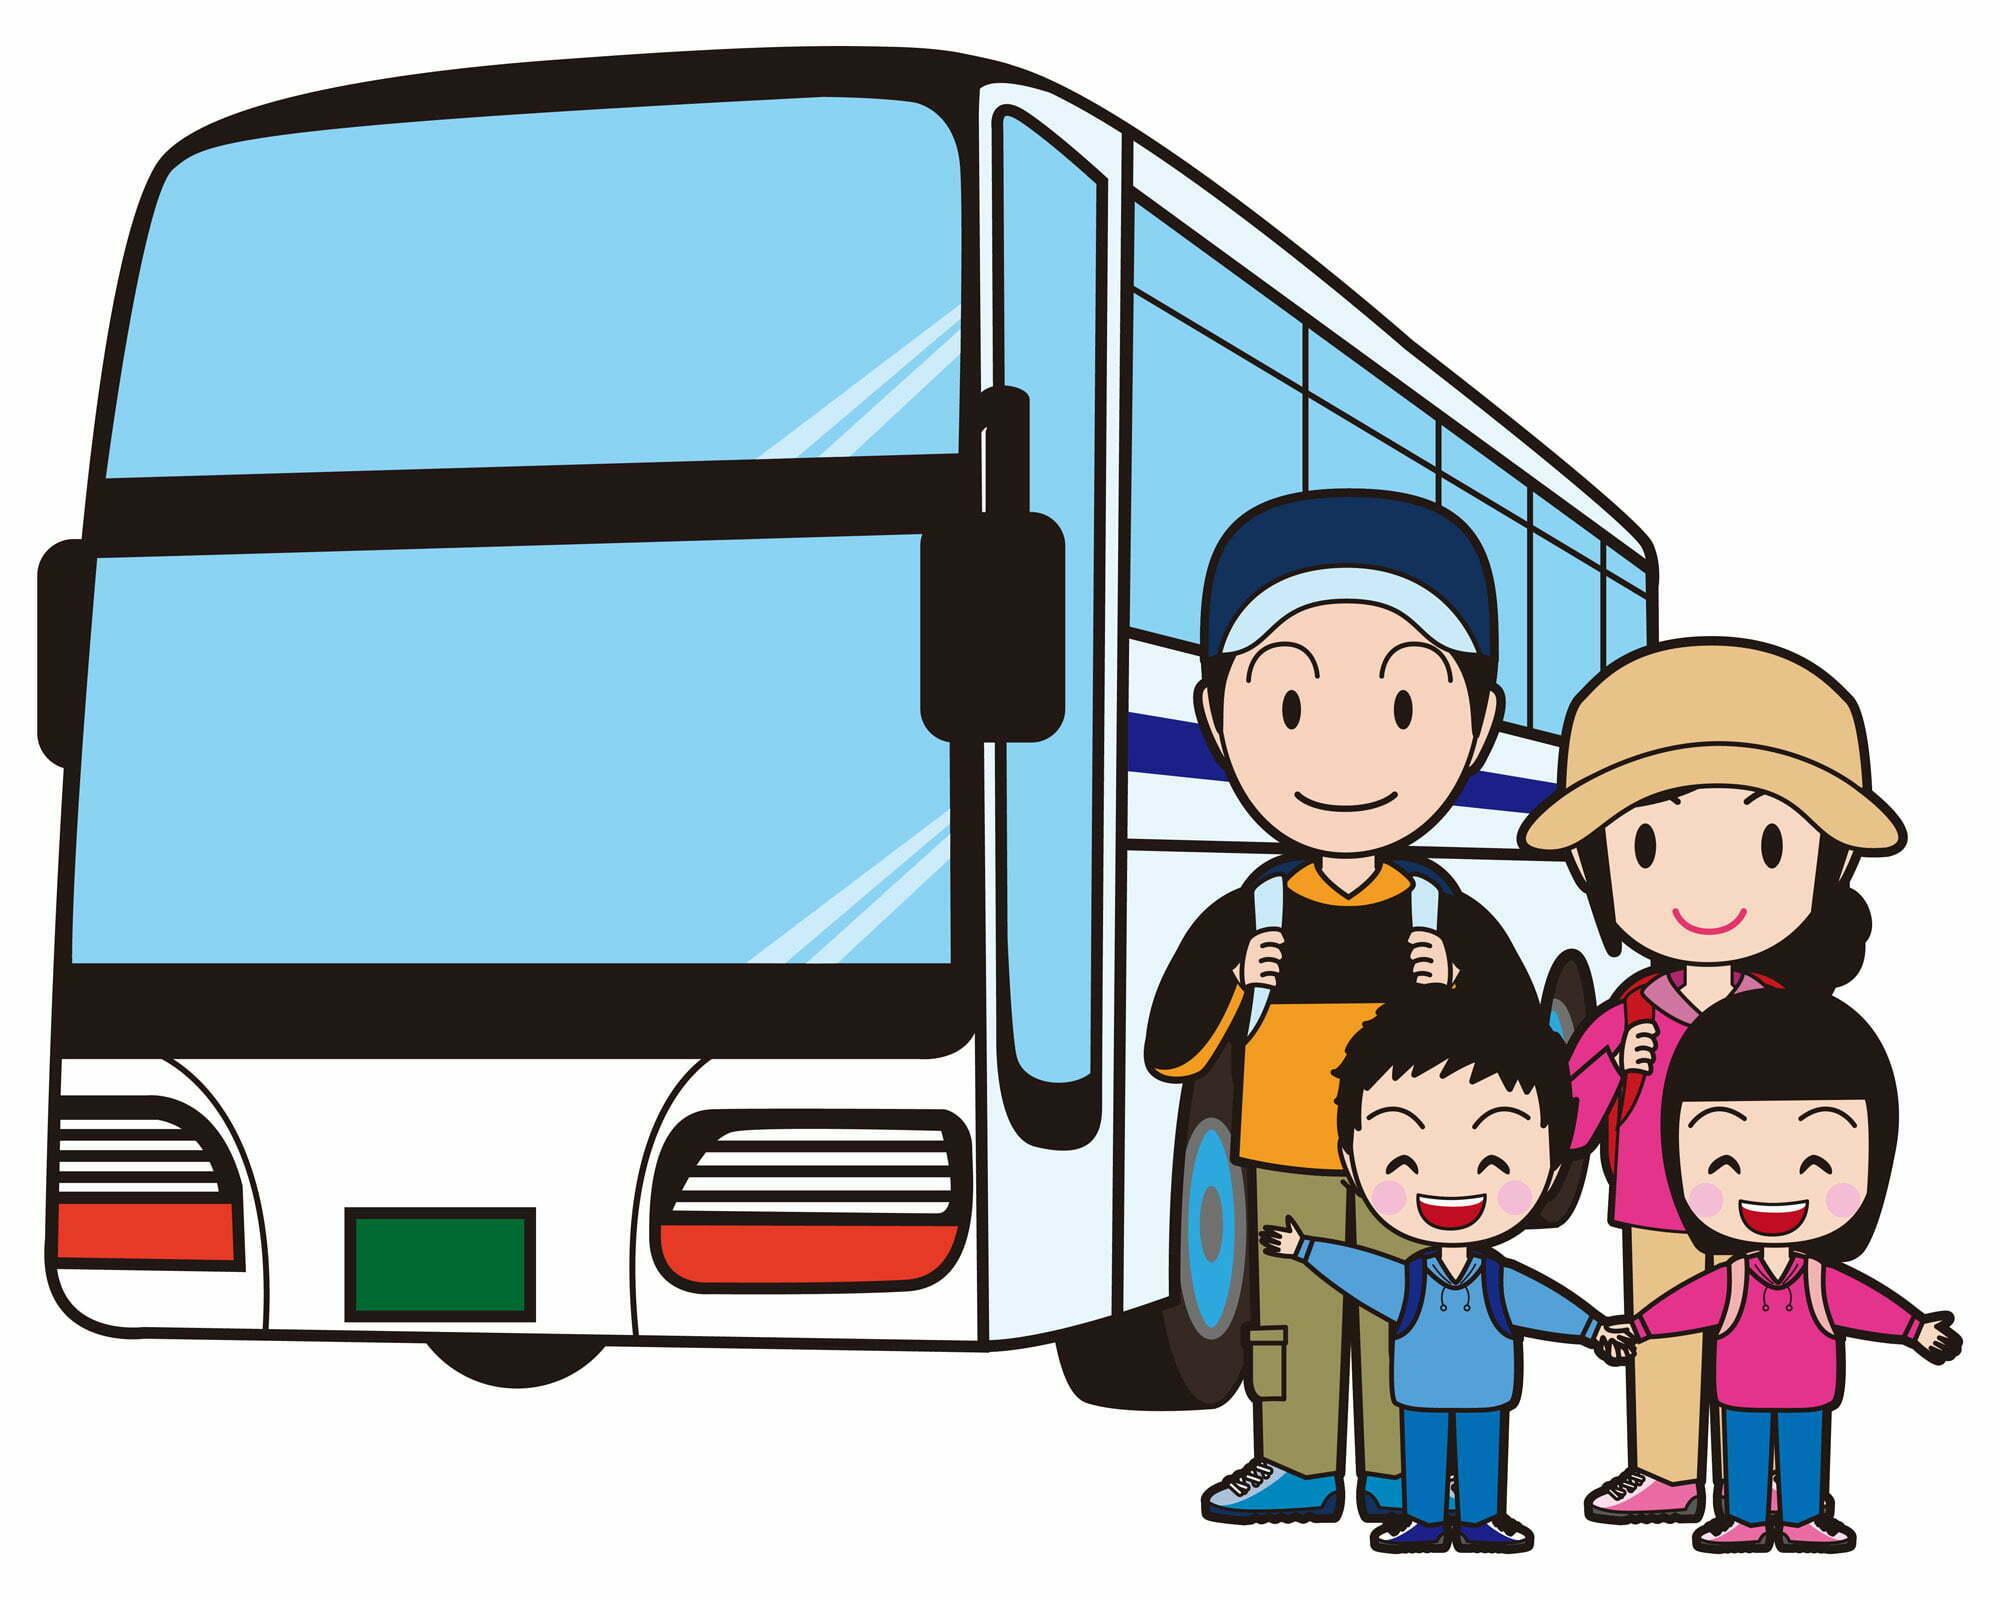 奄美大島, 観光, 旅行, 大島タクシー, 貸切バス